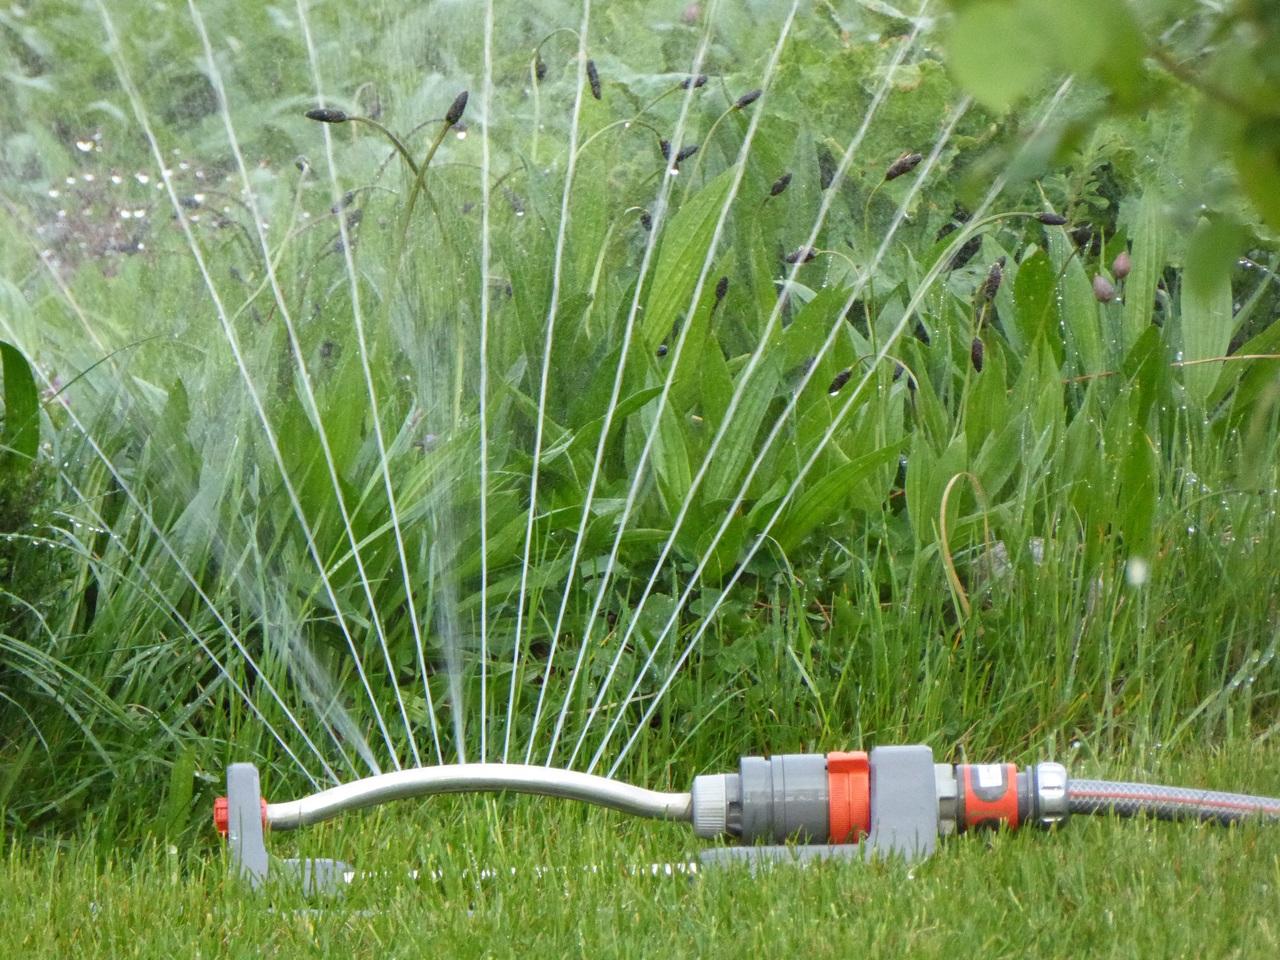 Elige el sistema de riego en función de si llueve poco o mucho en tu zona